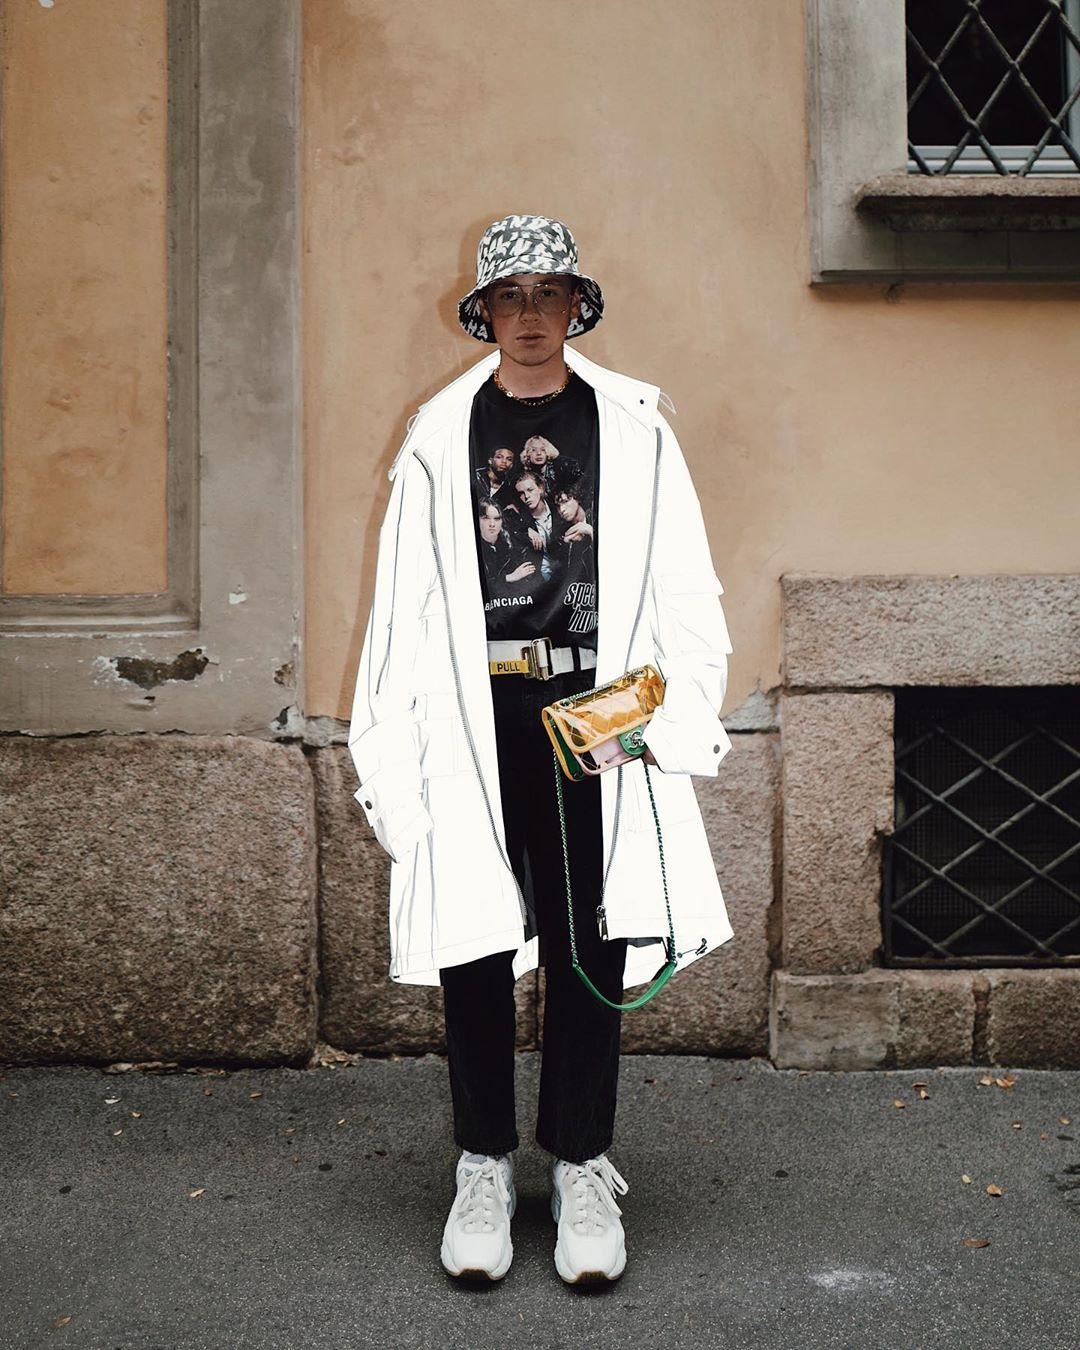 fashionisto Erik - ELLE Man